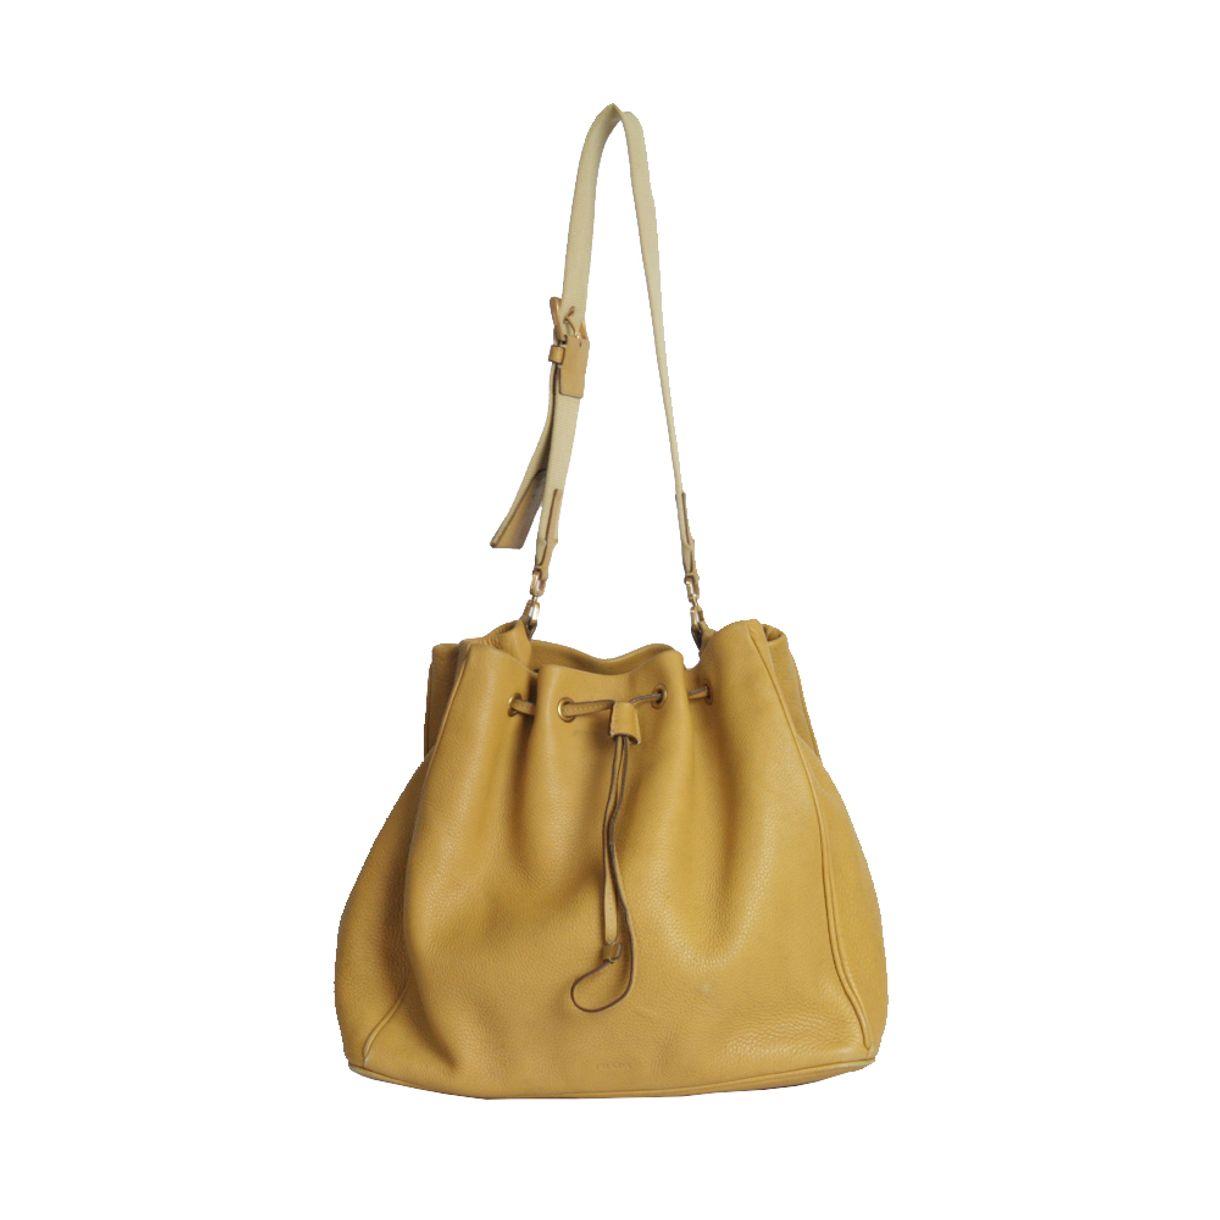 Bolsa-prada-couro-caramelo-alca-de-tecido-1